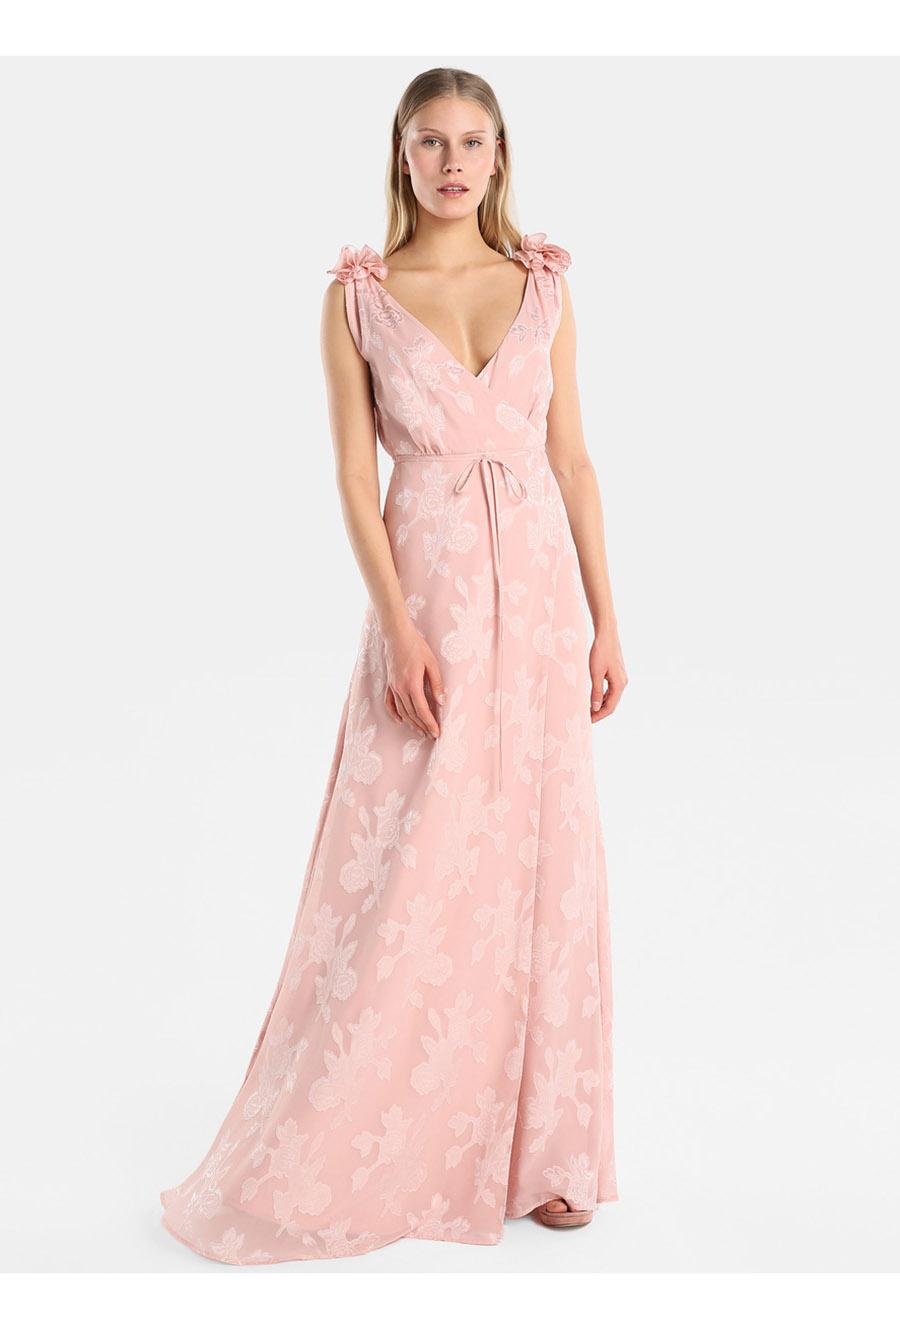 12 ideas para encontrar tu vestido de graduación perfecto esta ...